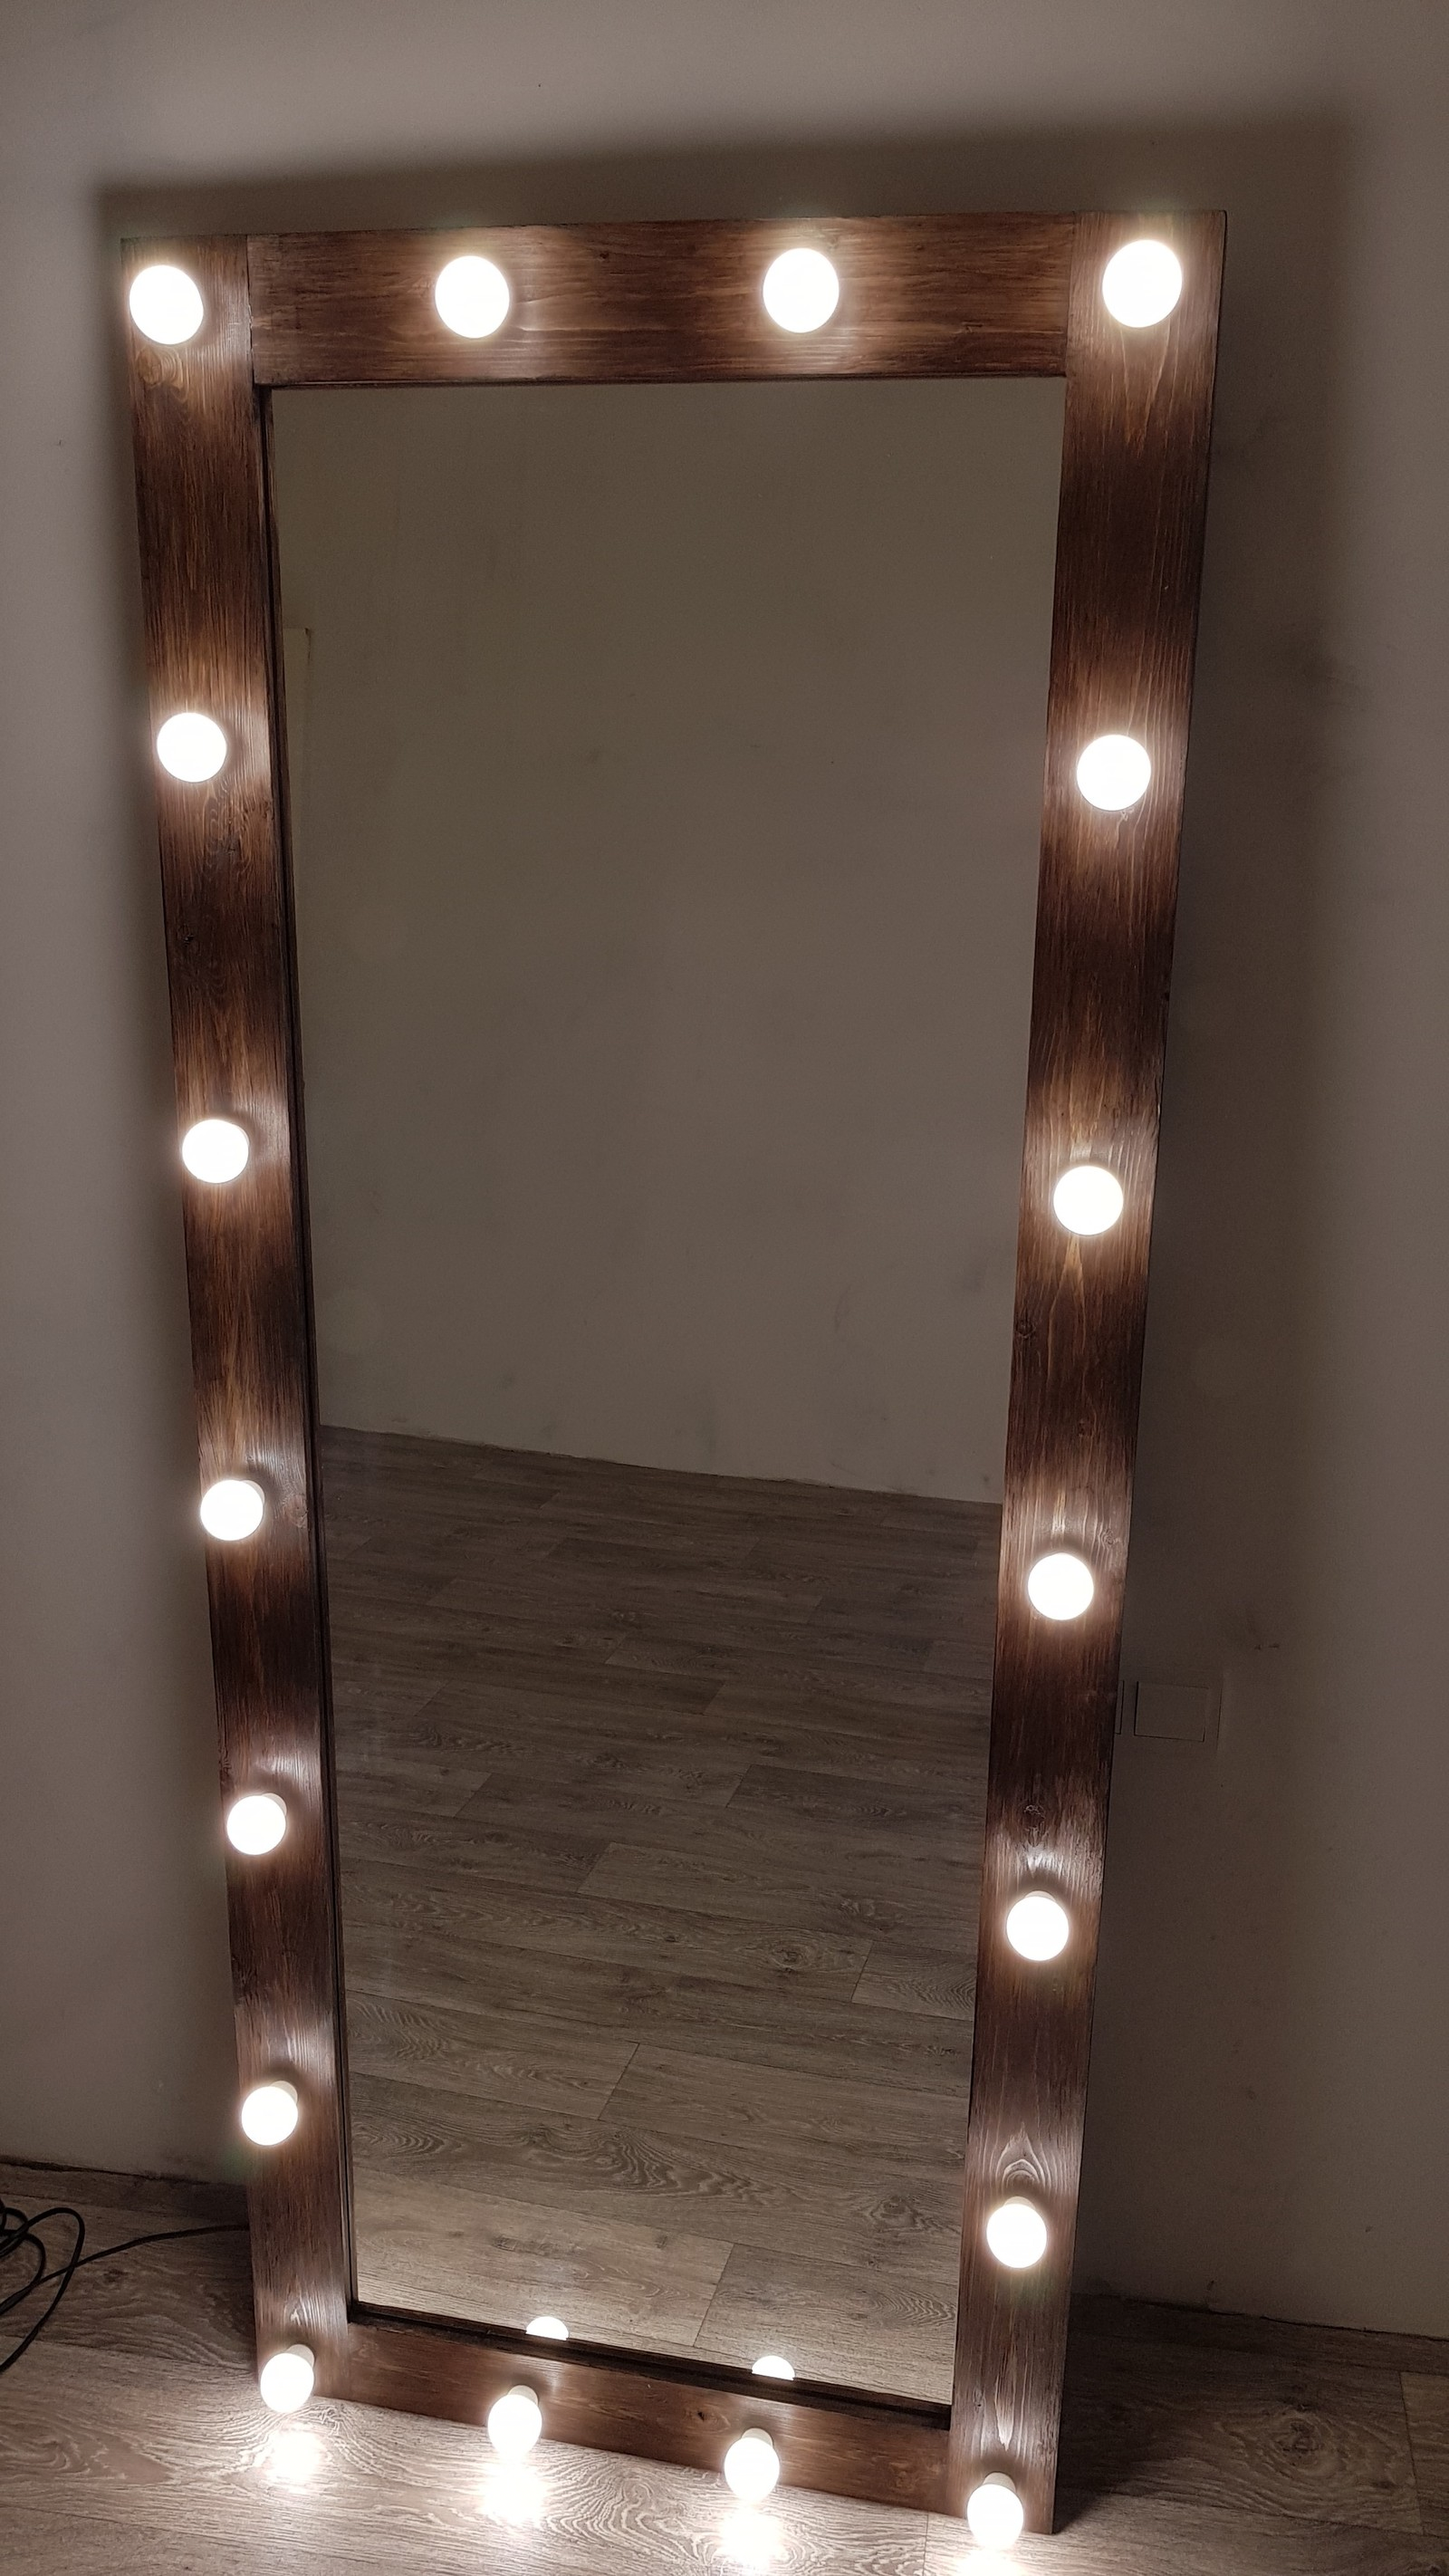 Гримерное зеркало с лампочками своими руками фото 151